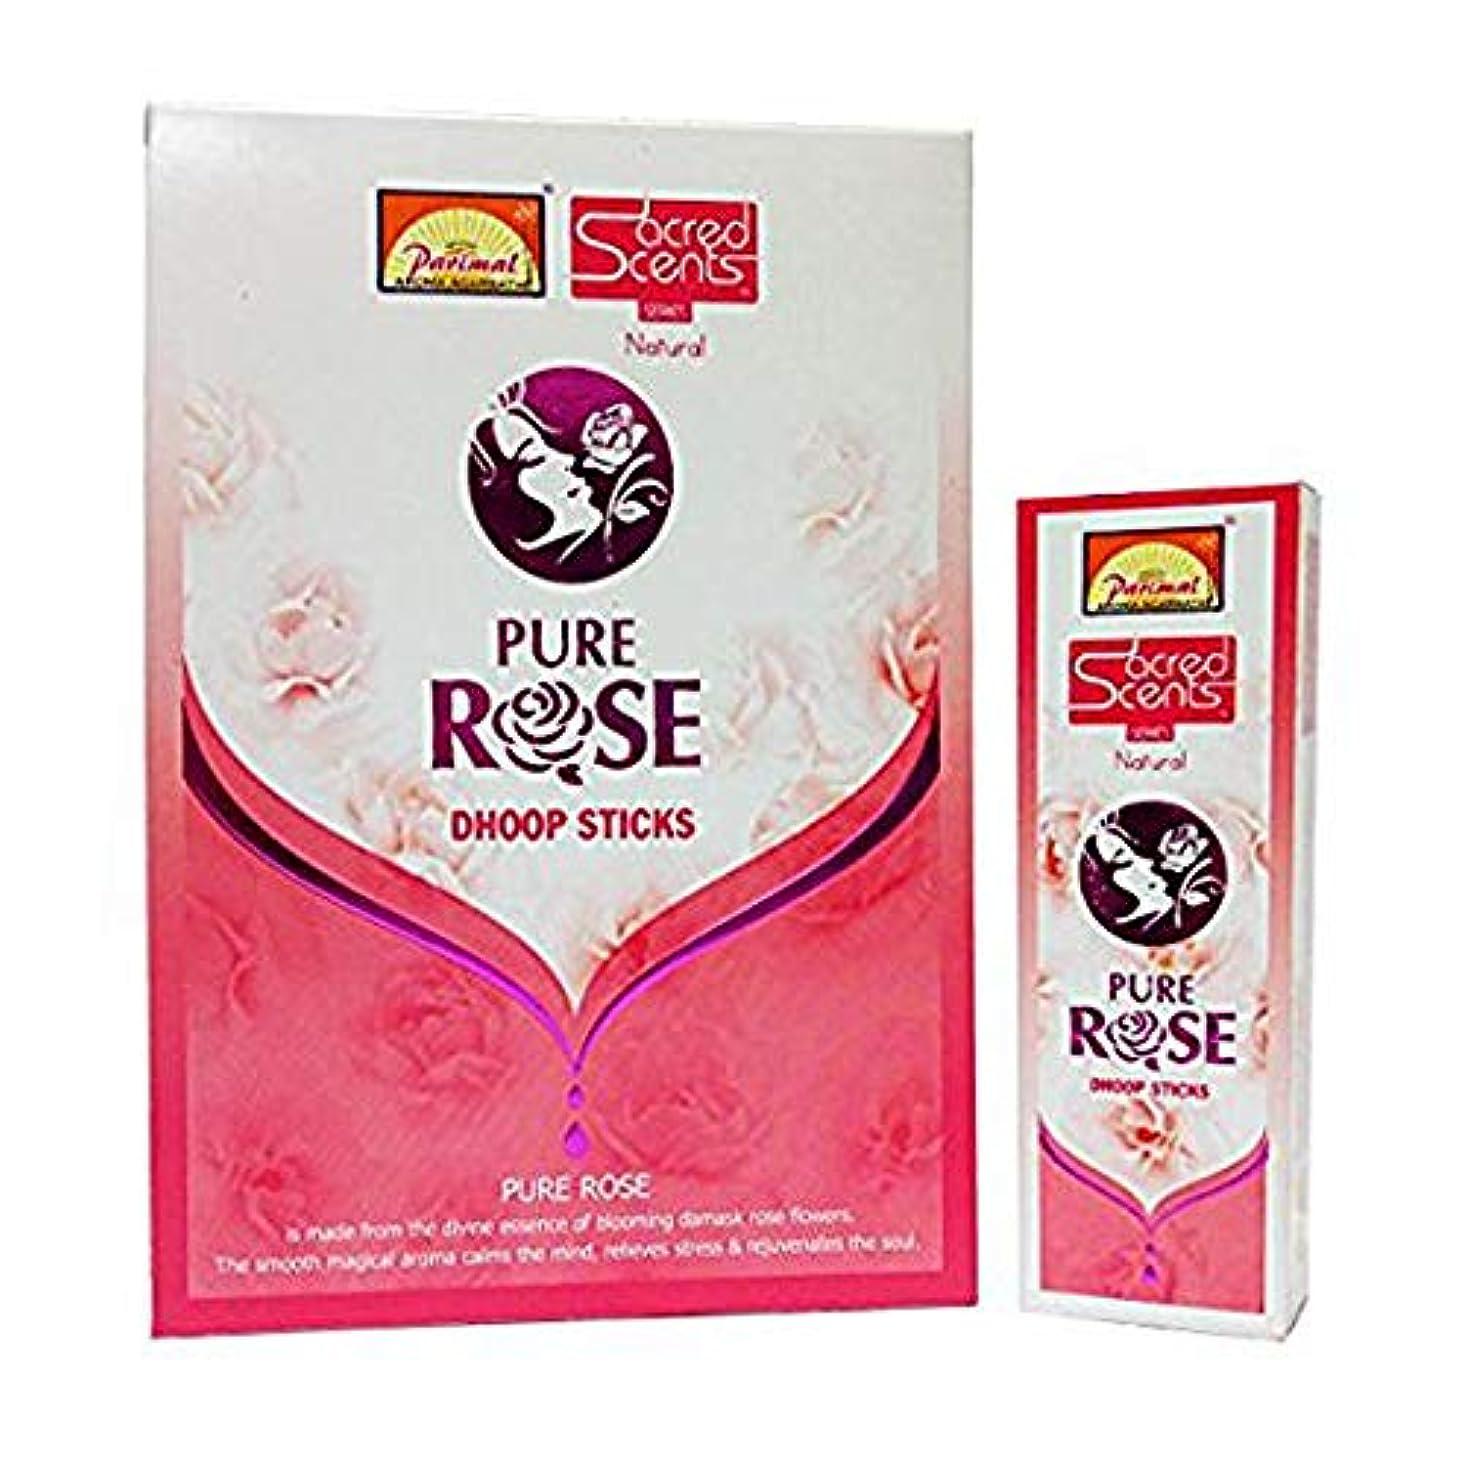 ロマンチックハイブリッドモデレータParimal Sacred Scents Pure Rose Dhoop Sticks 50グラムパック、6カウントin aボックス